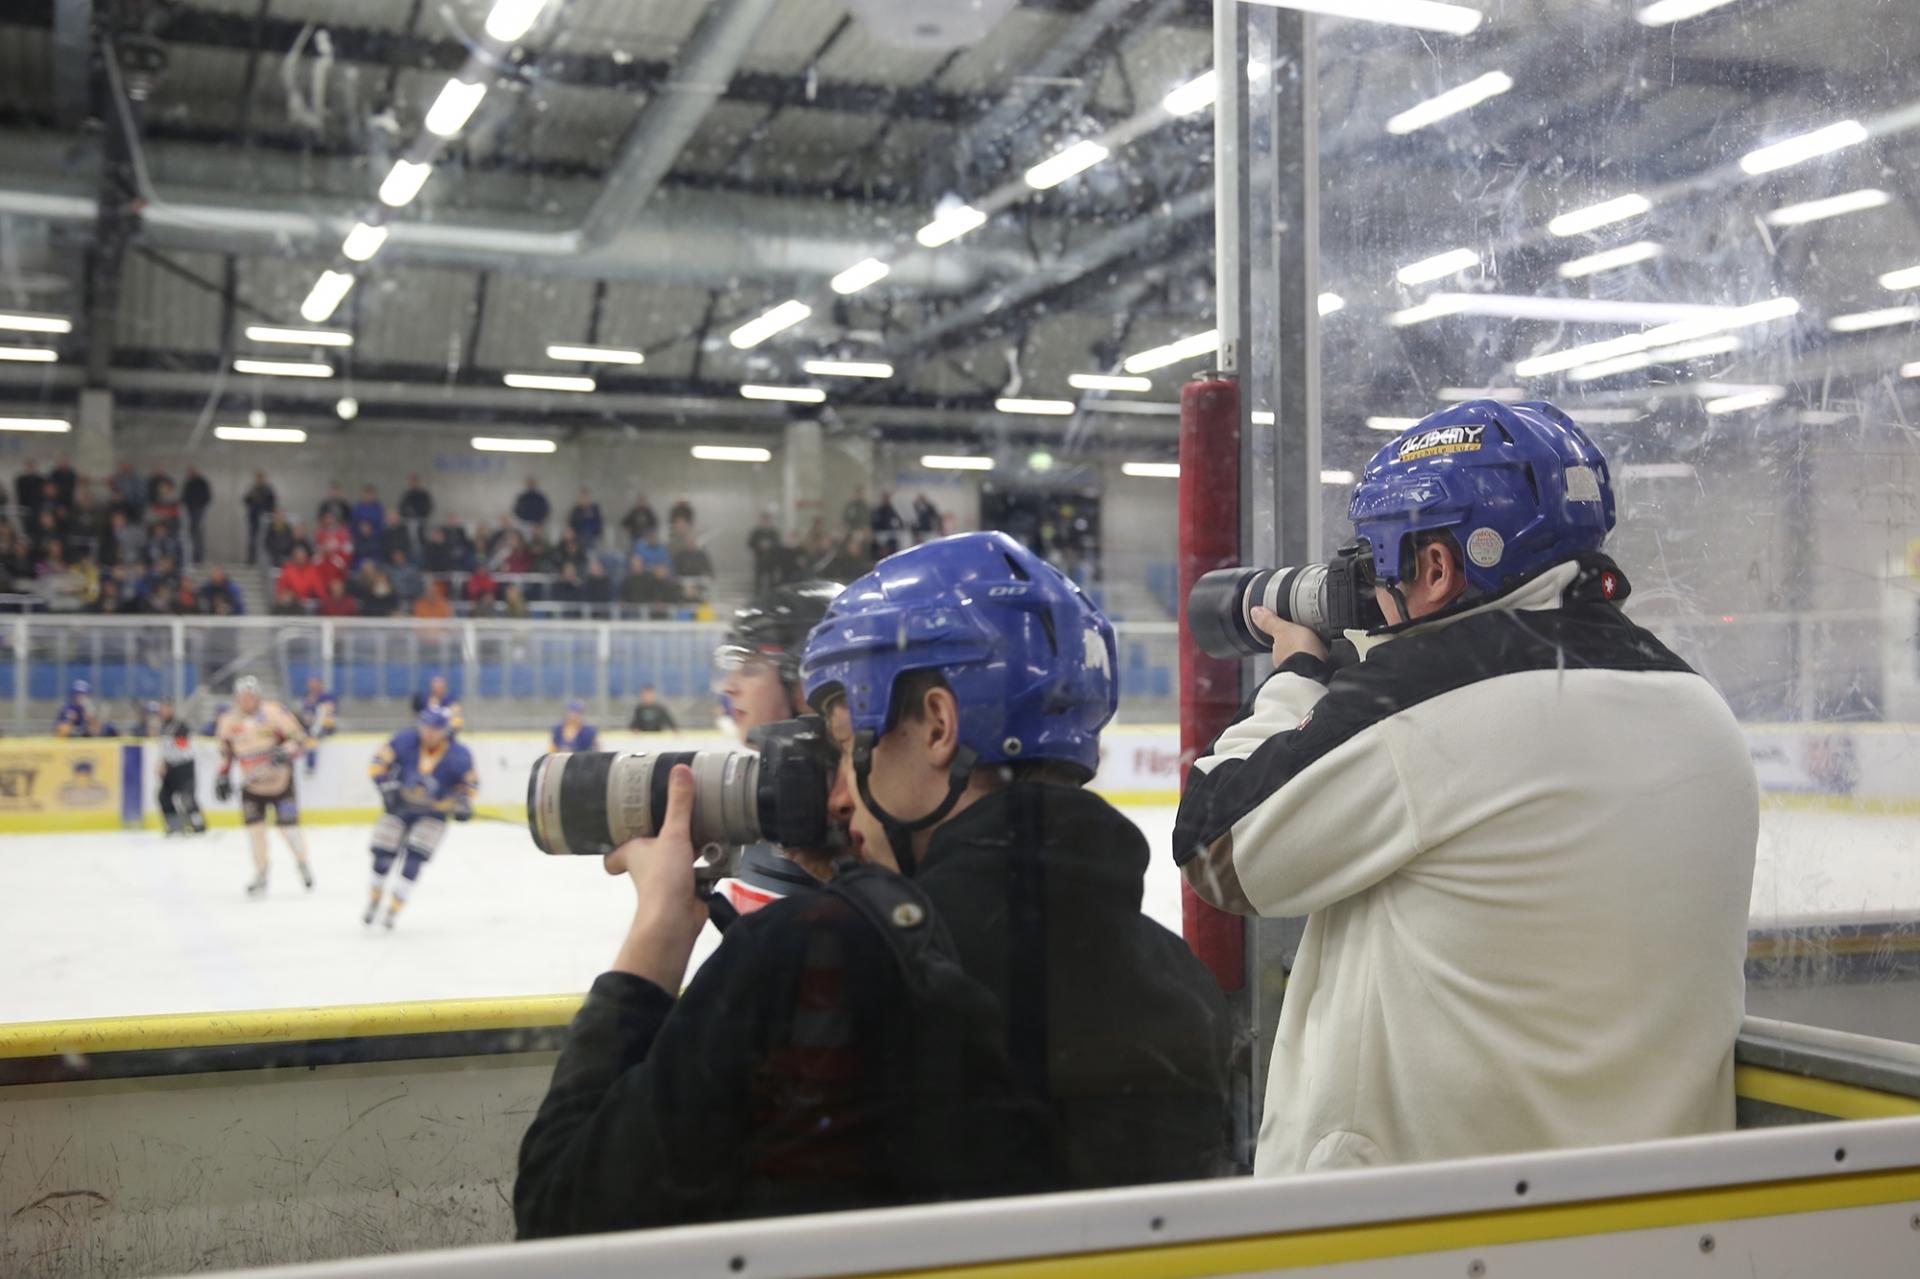 Männer fotografiert Eishockey mit Helm